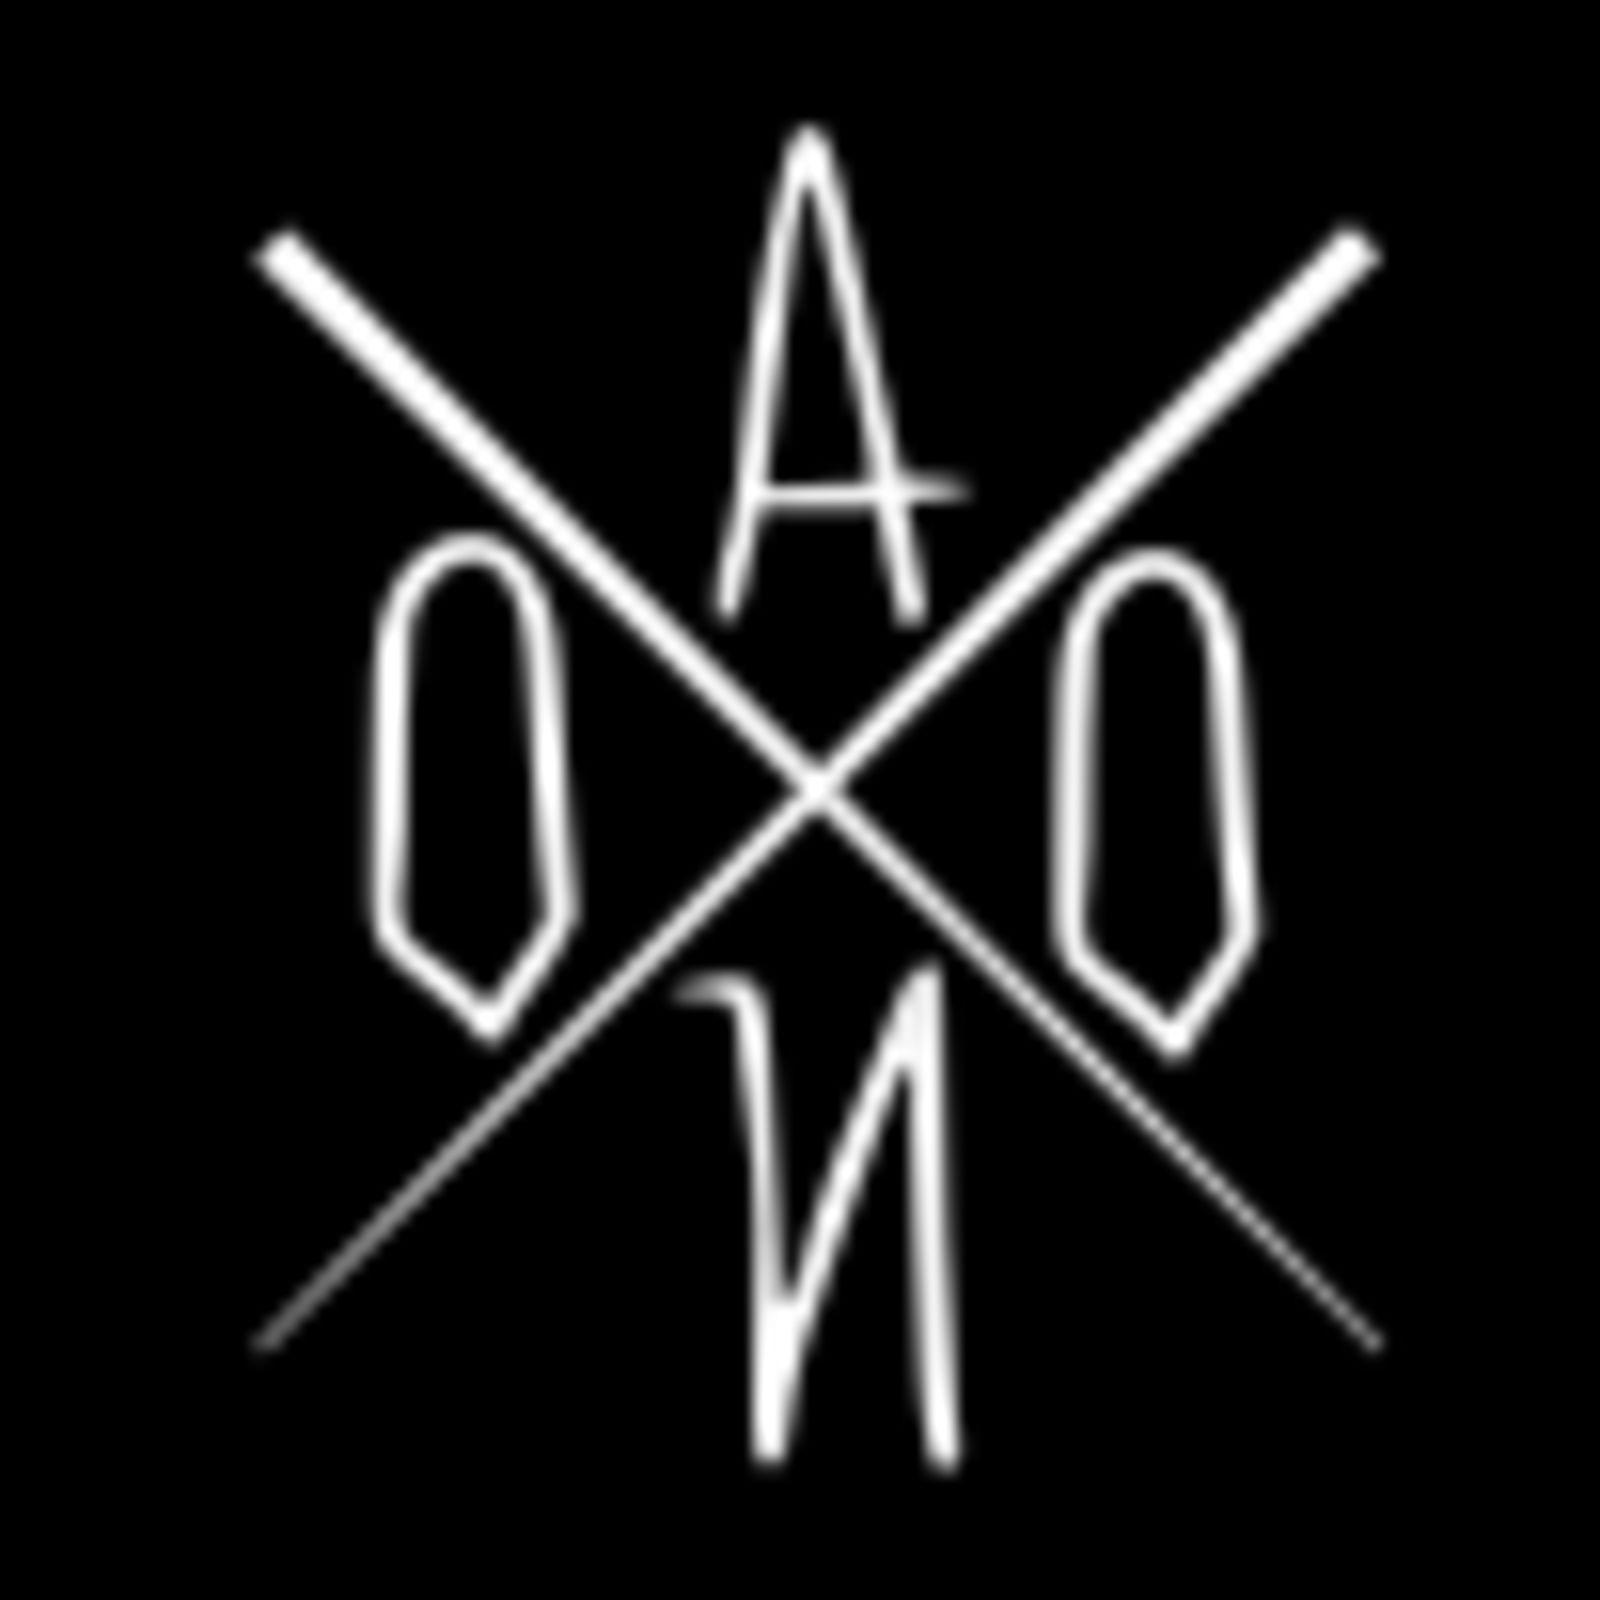 AONOA